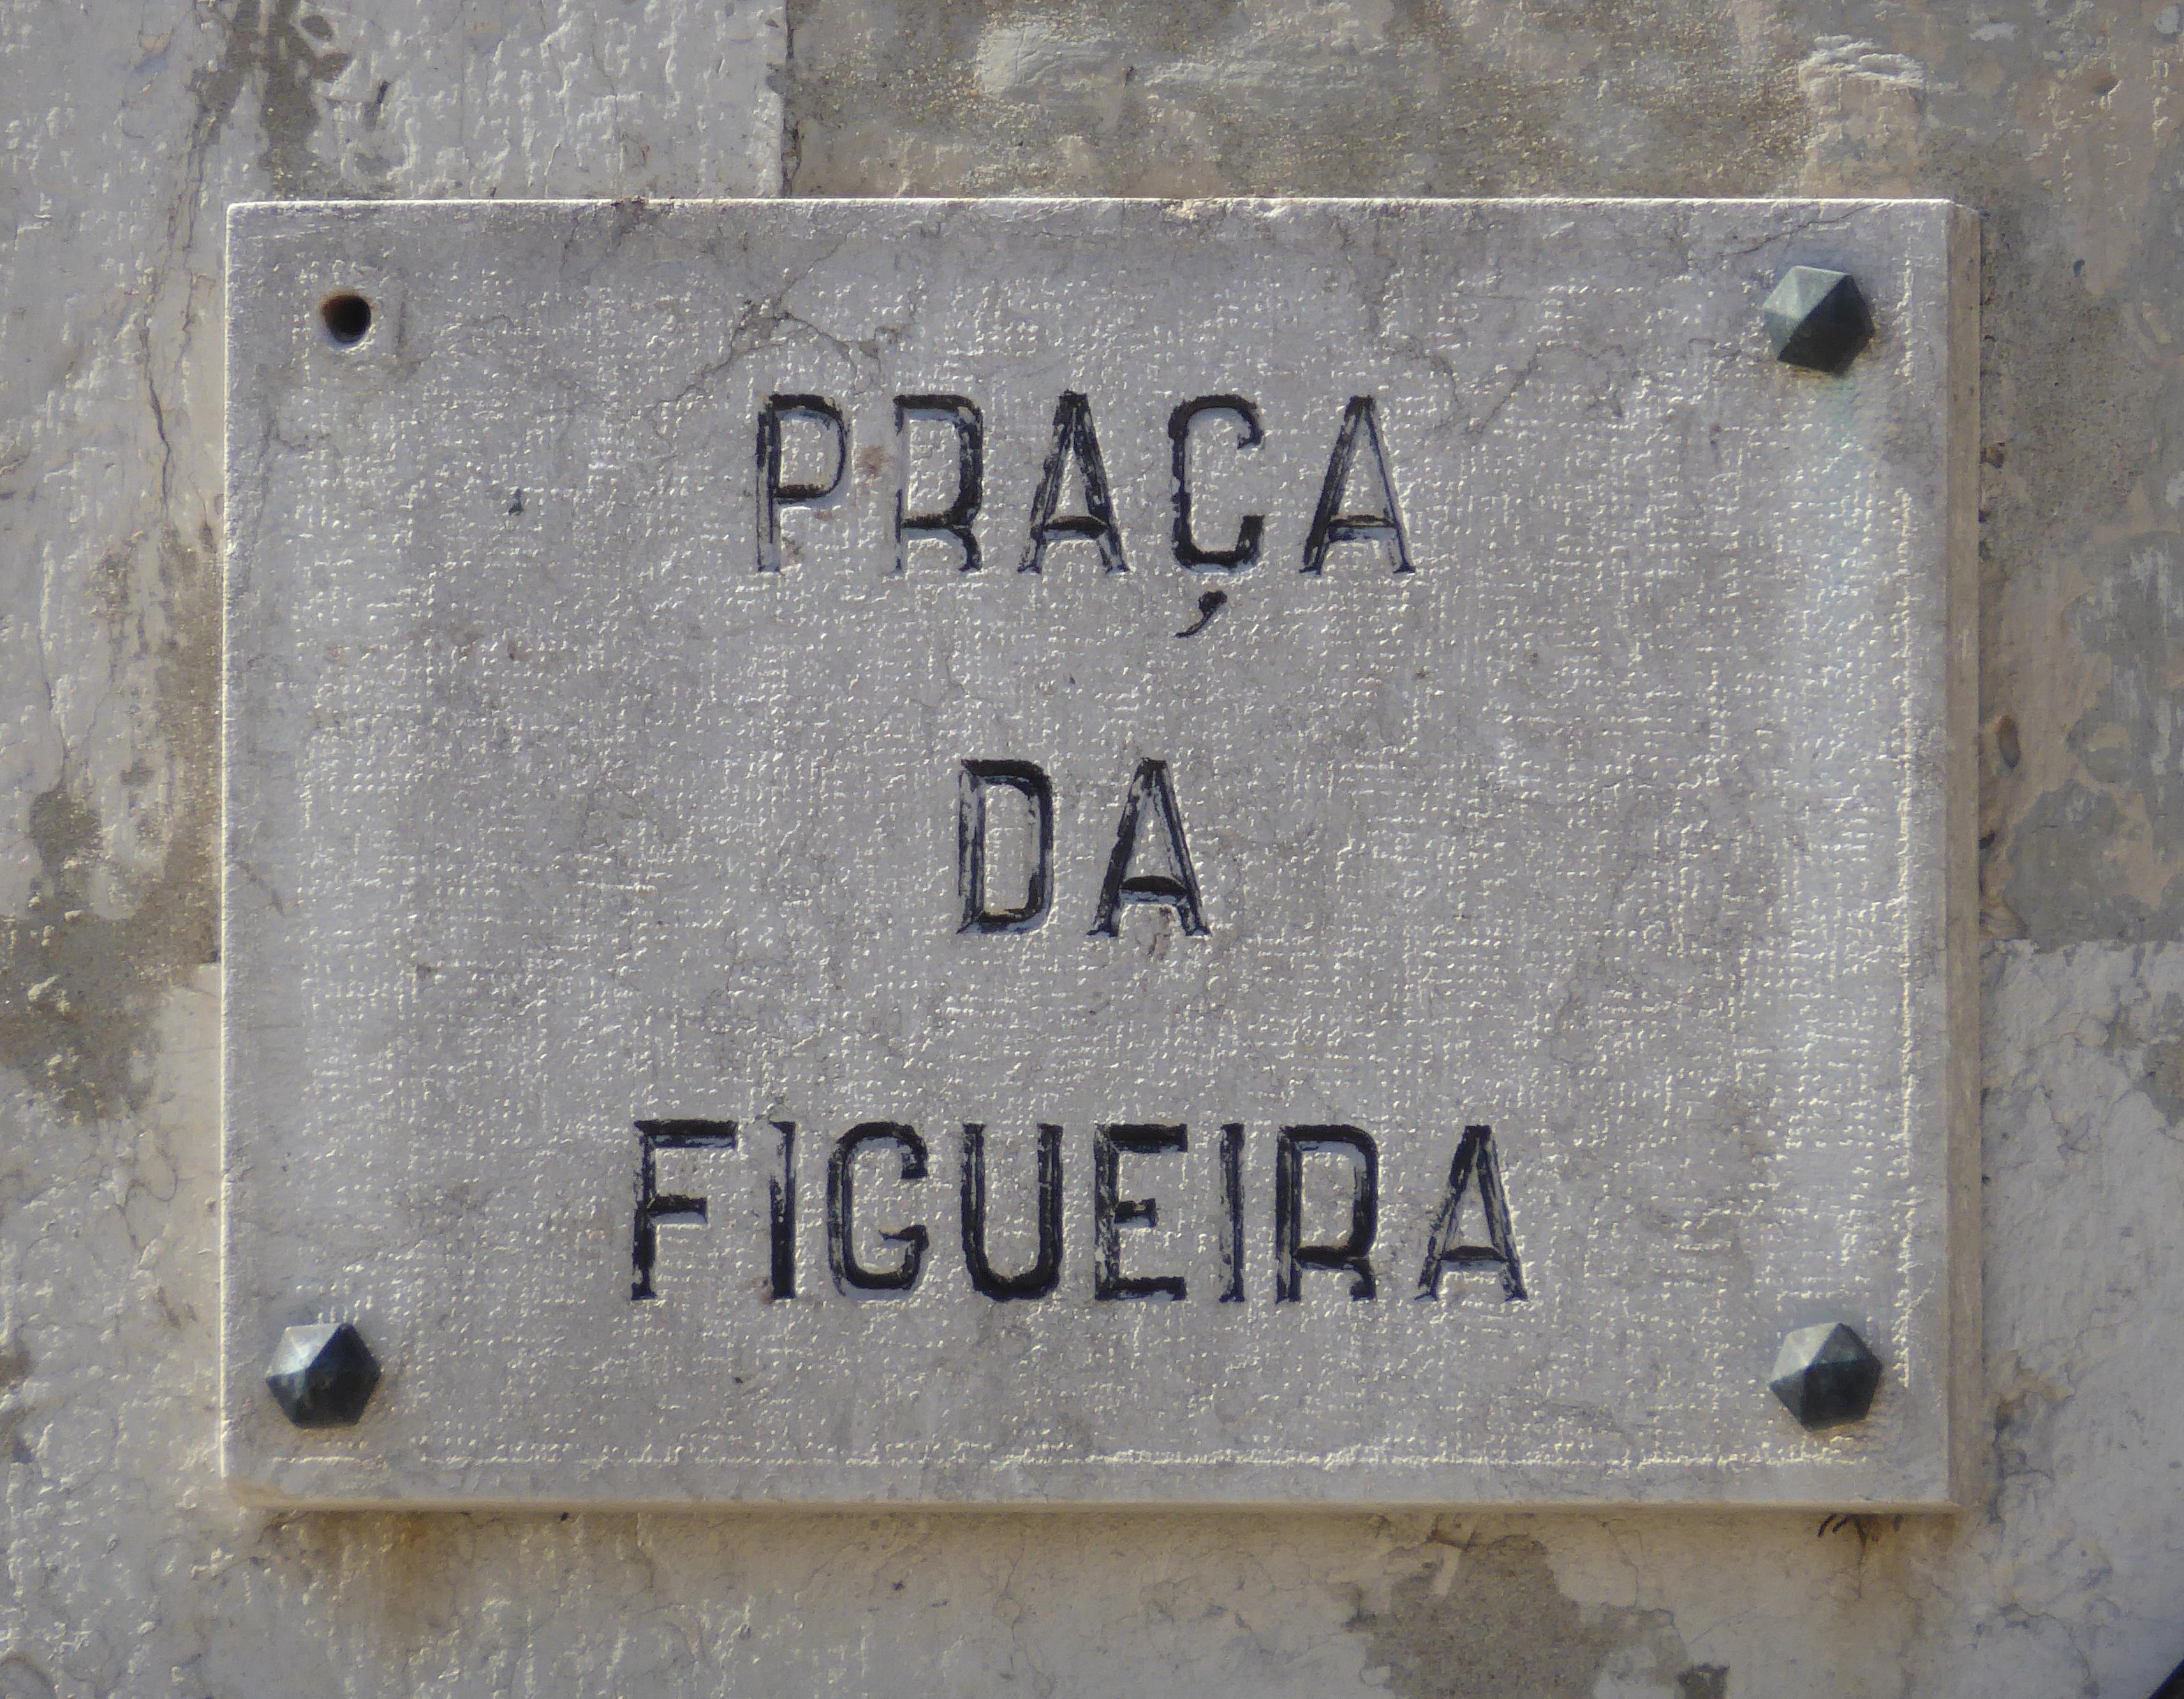 File Placa Toponimica Praca Da Figueira Png Wikimedia Commons